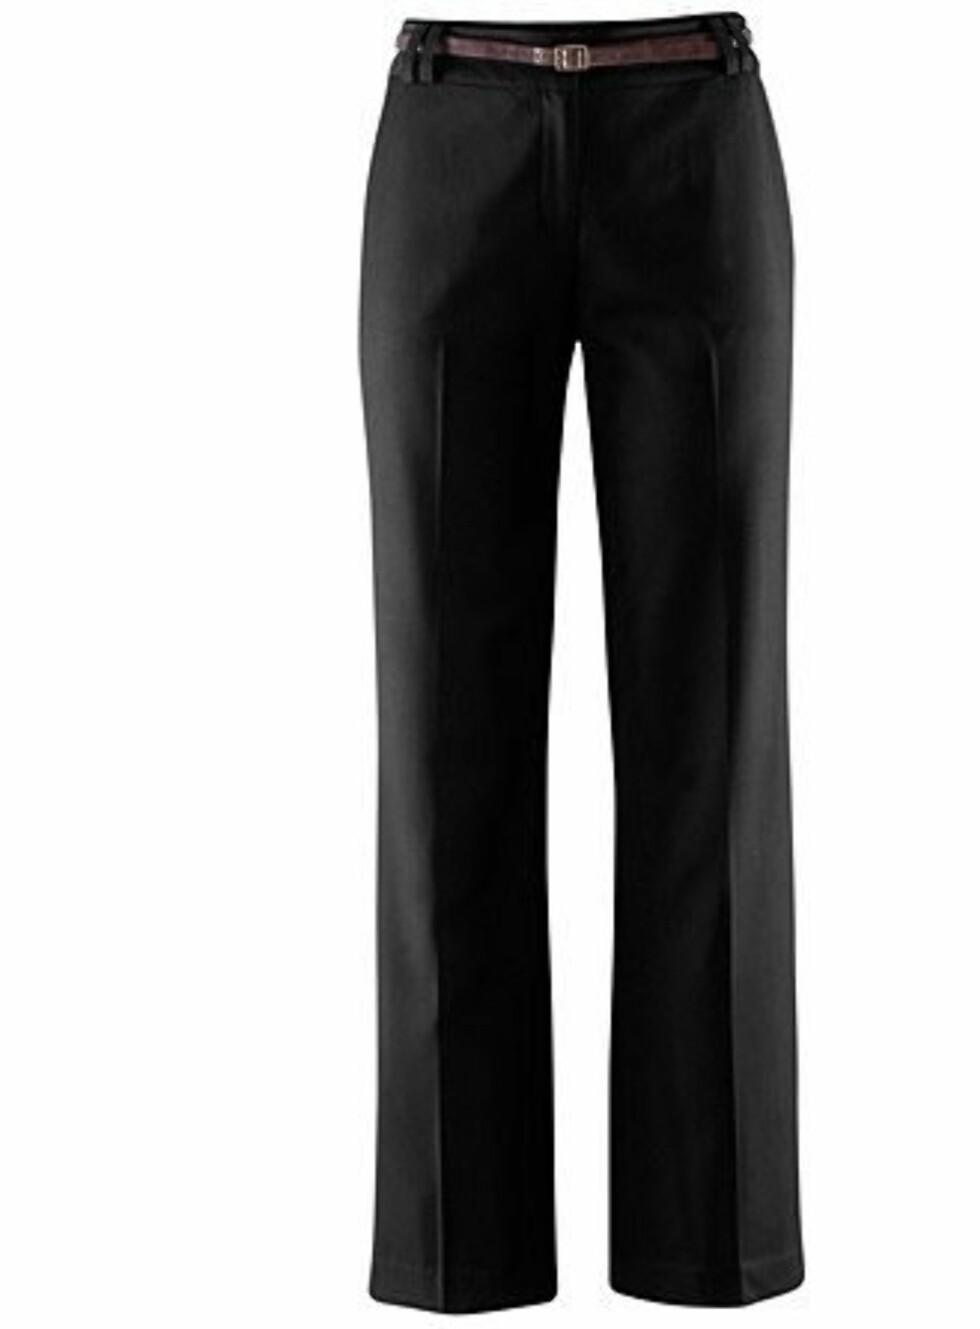 Lange, rette bukser i svart fra H&M, kr 299.  Foto: Produsenten